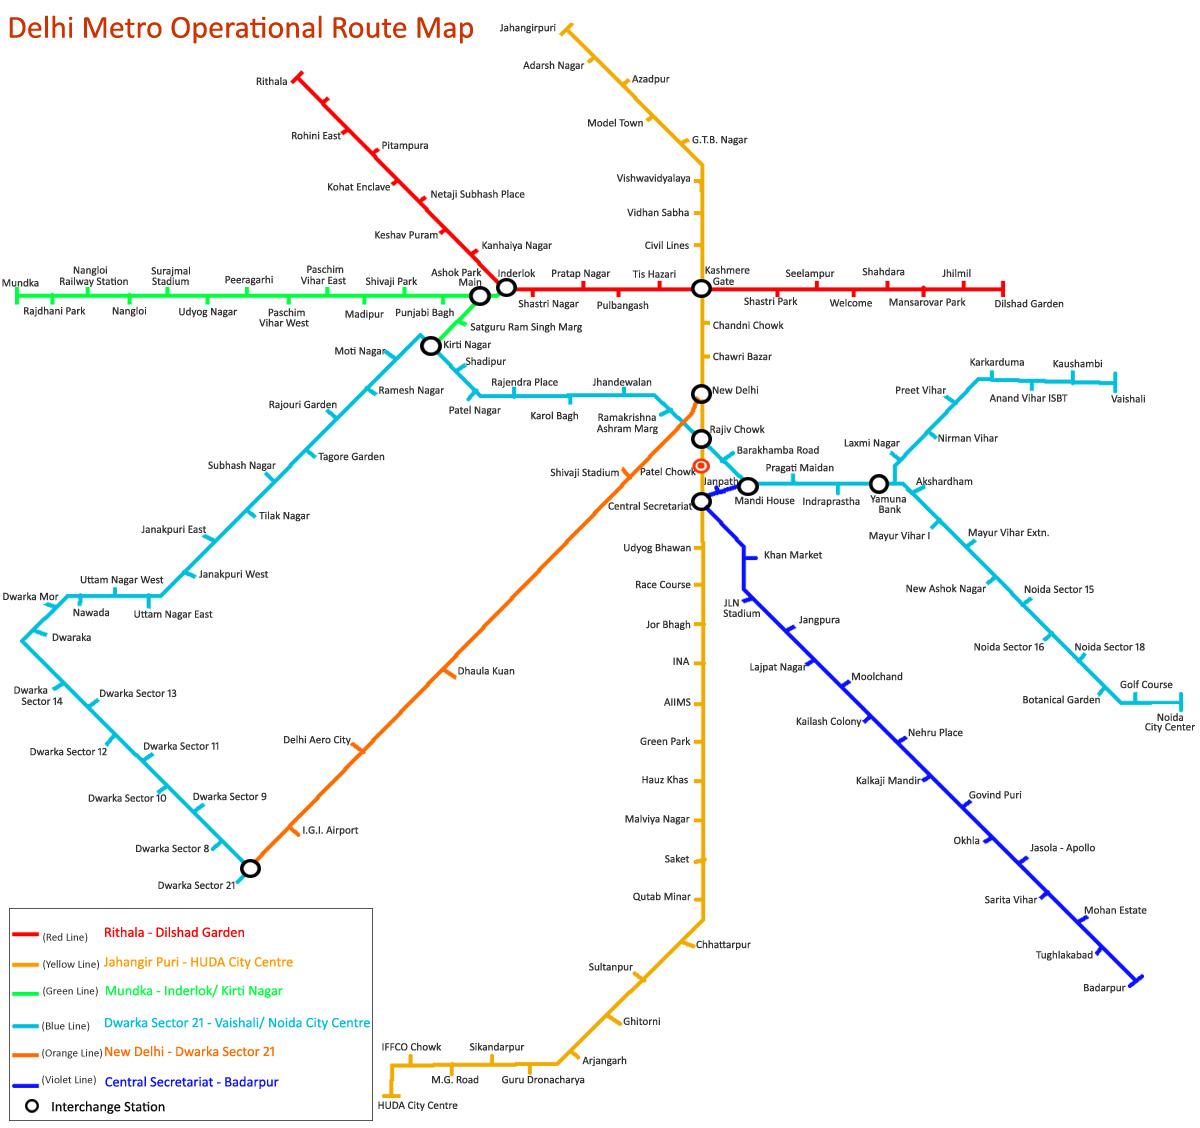 25+ Delhi Metro Map Download Pics - FreePix